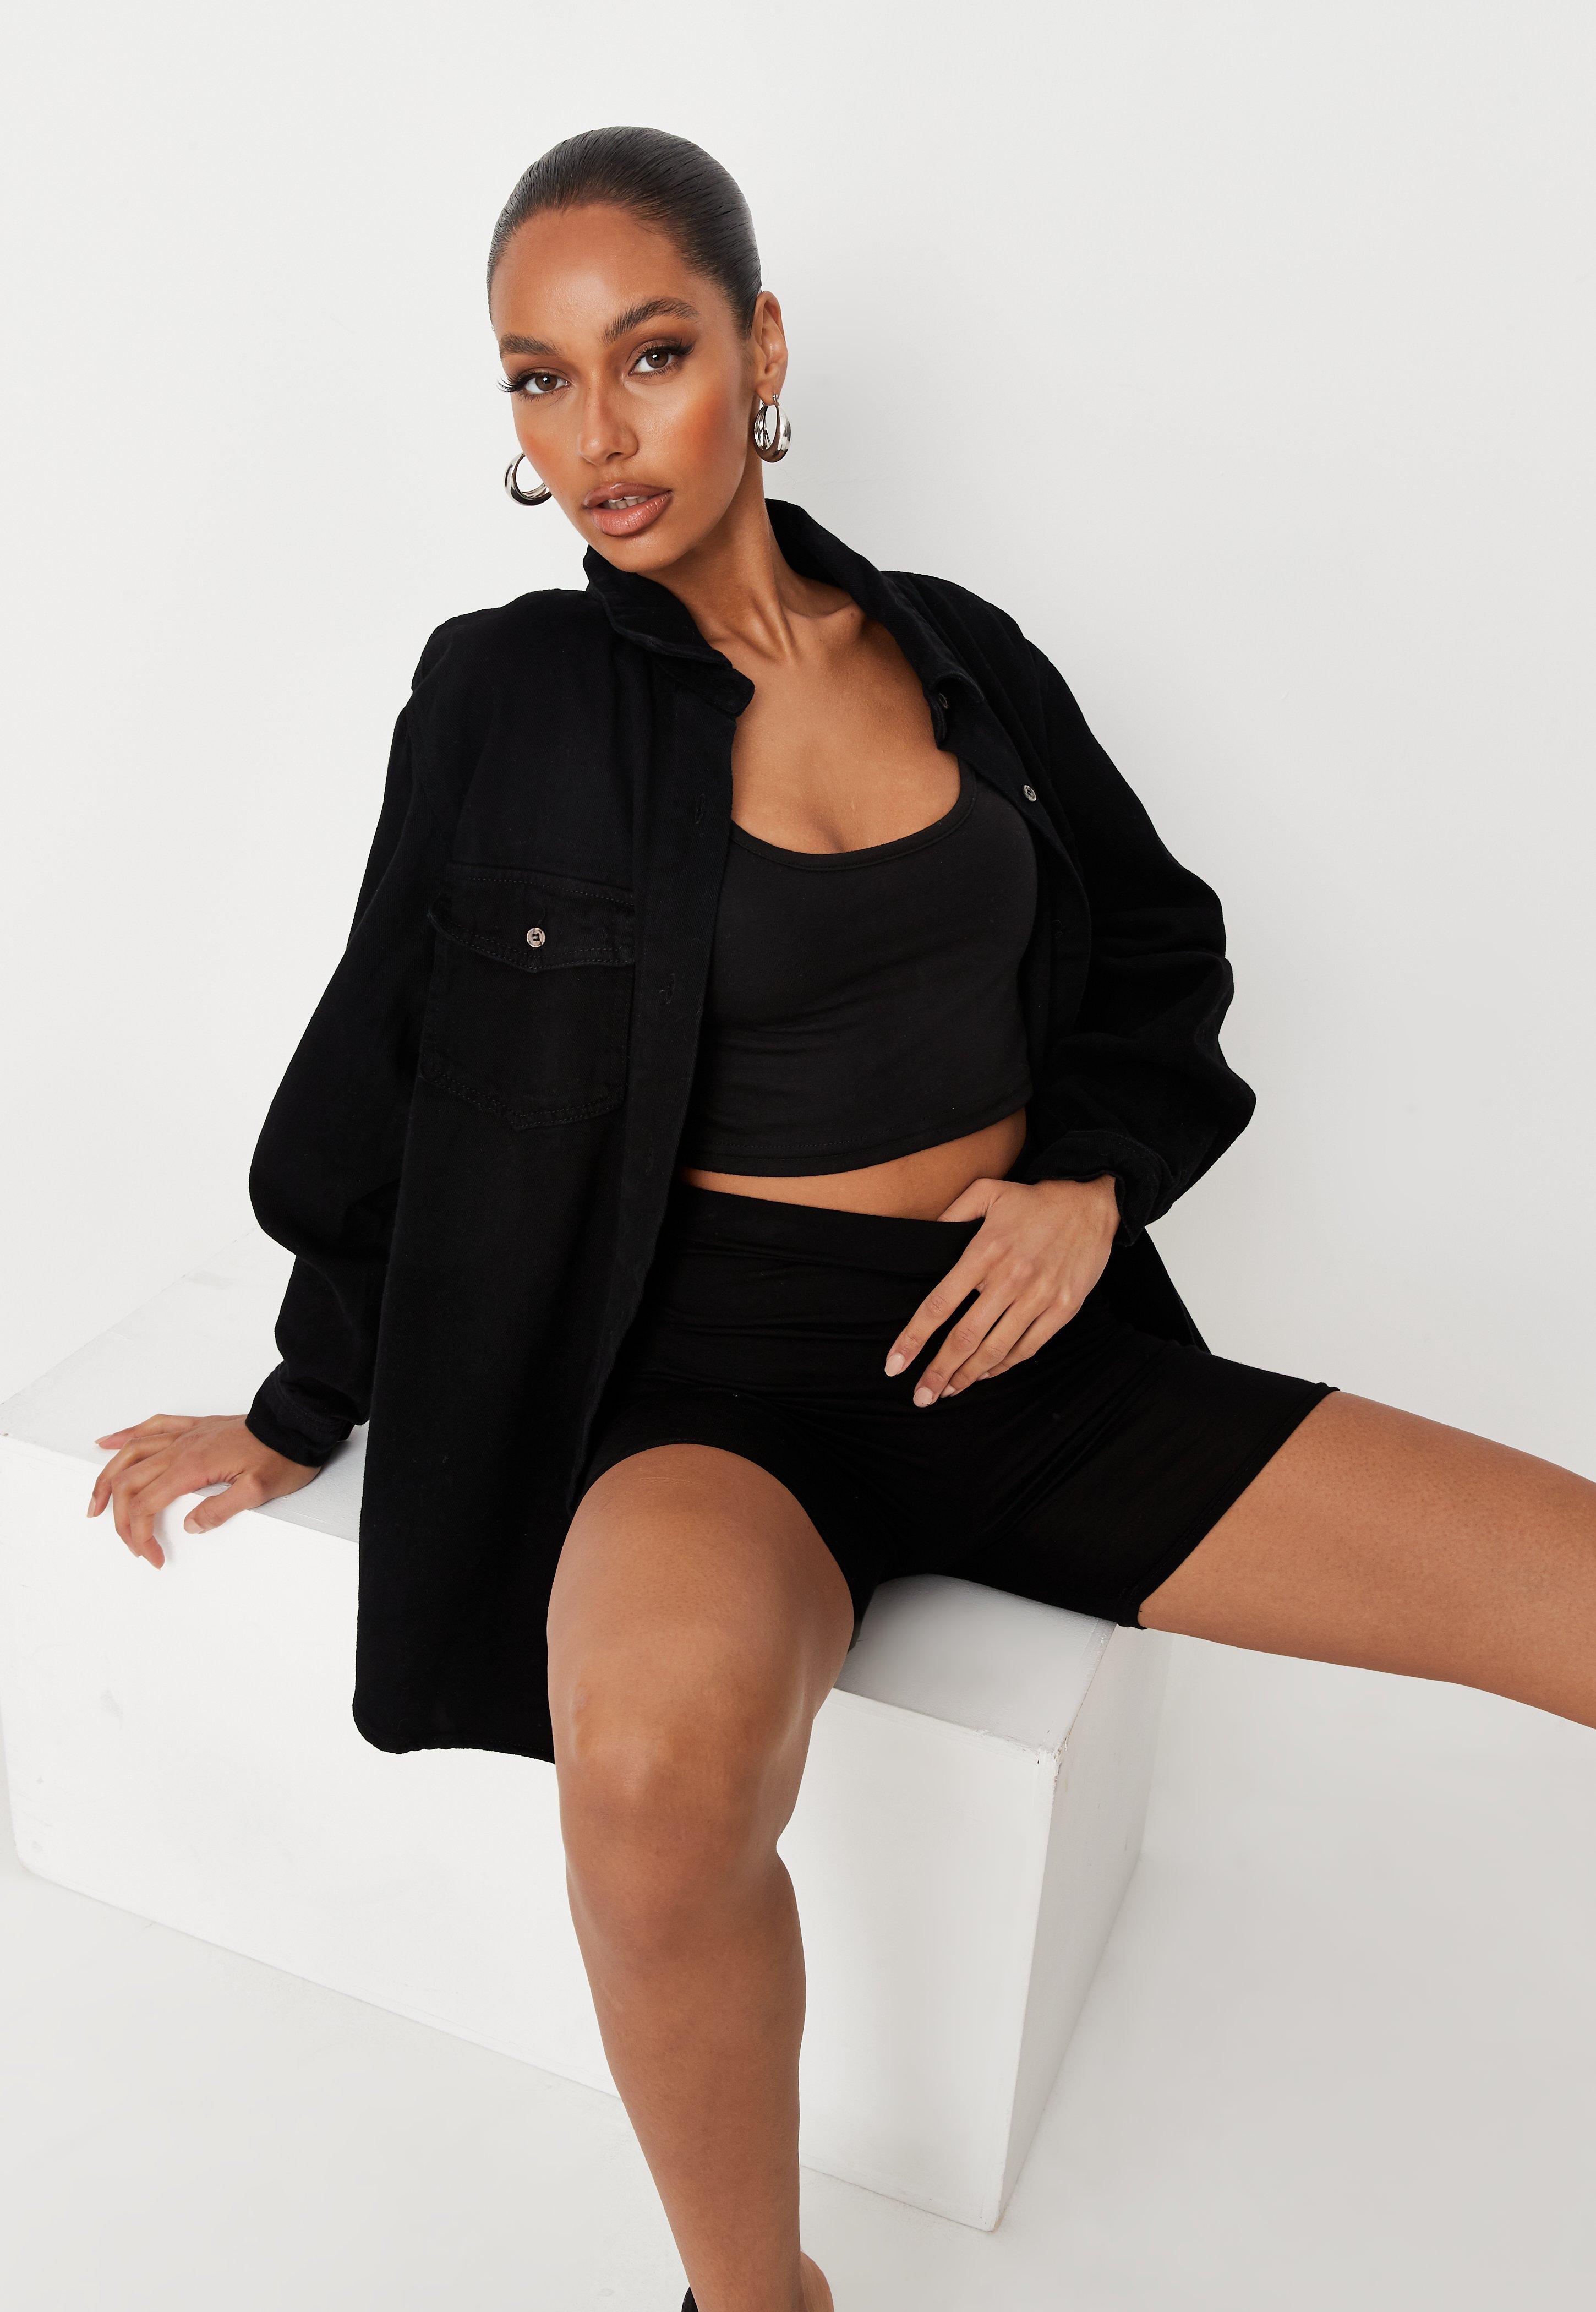 escort black montpellier massage sensuel auvergne